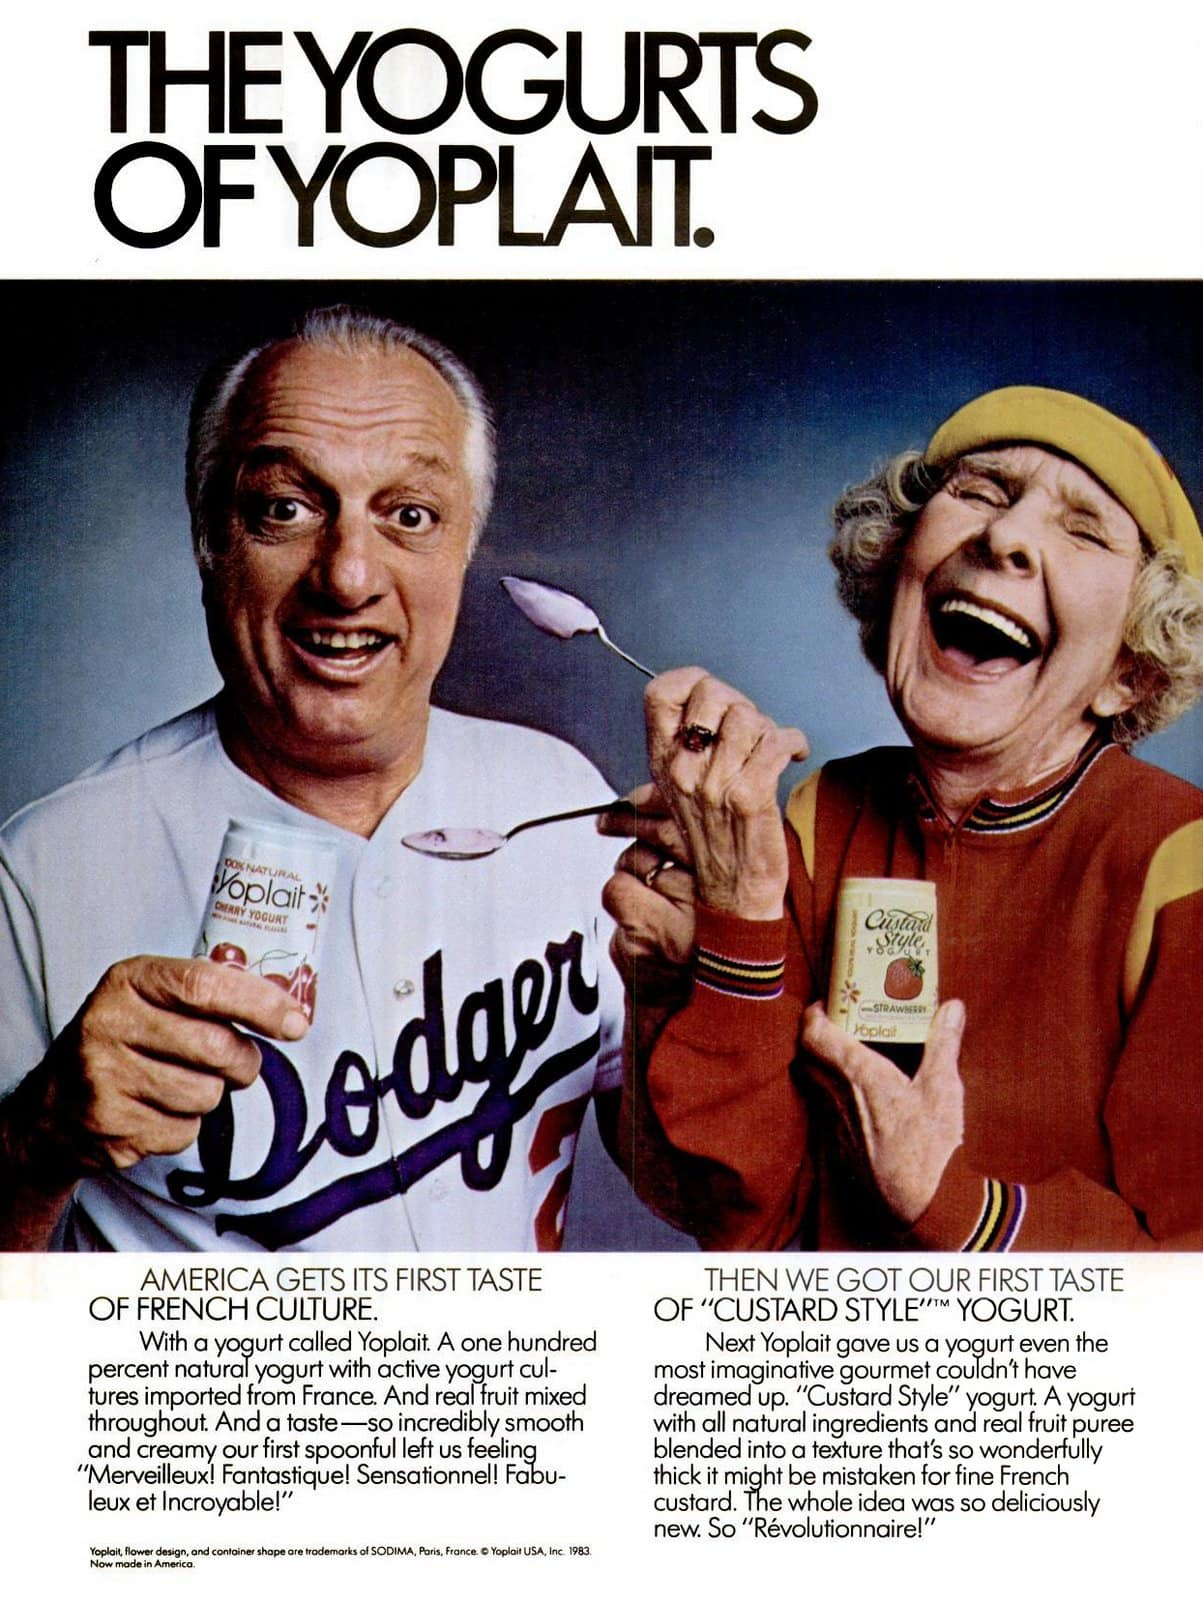 Vintage Yoplait Yogurt (1983)